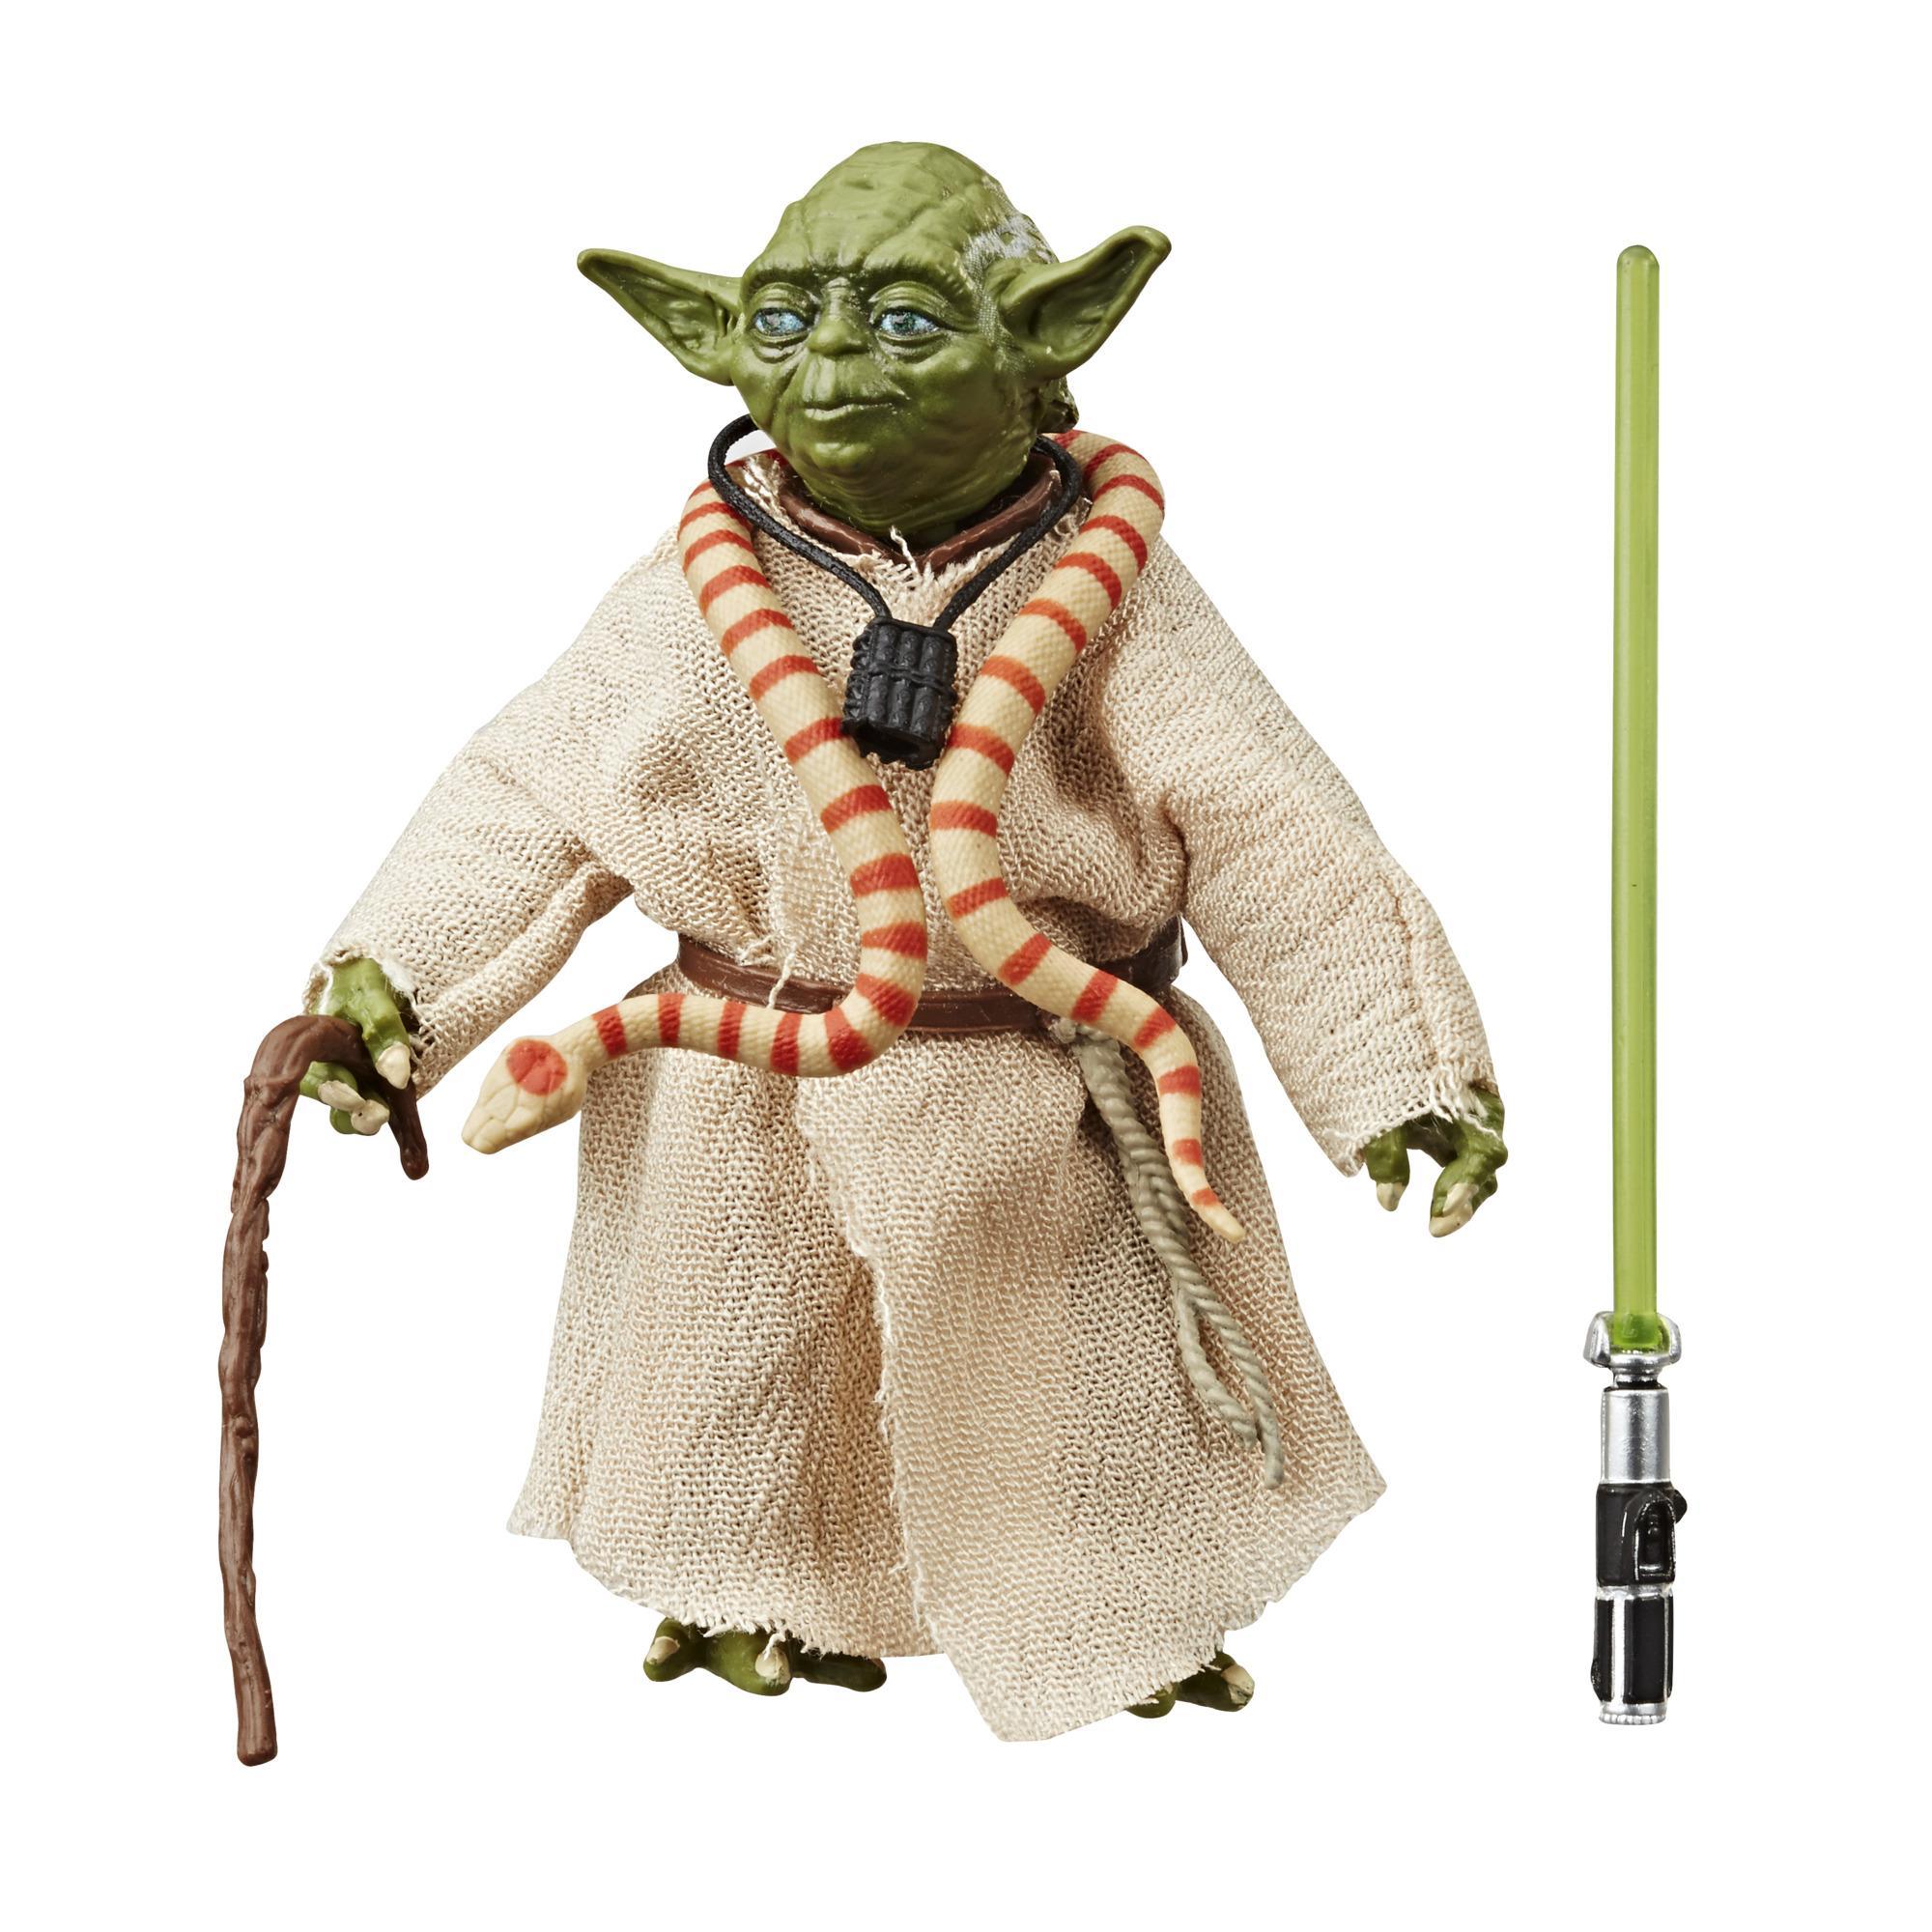 Star Wars The Black Series - Yoda a escala de 15 cm - Star Wars: El Imperio contraataca - Figura del 40.º aniversario